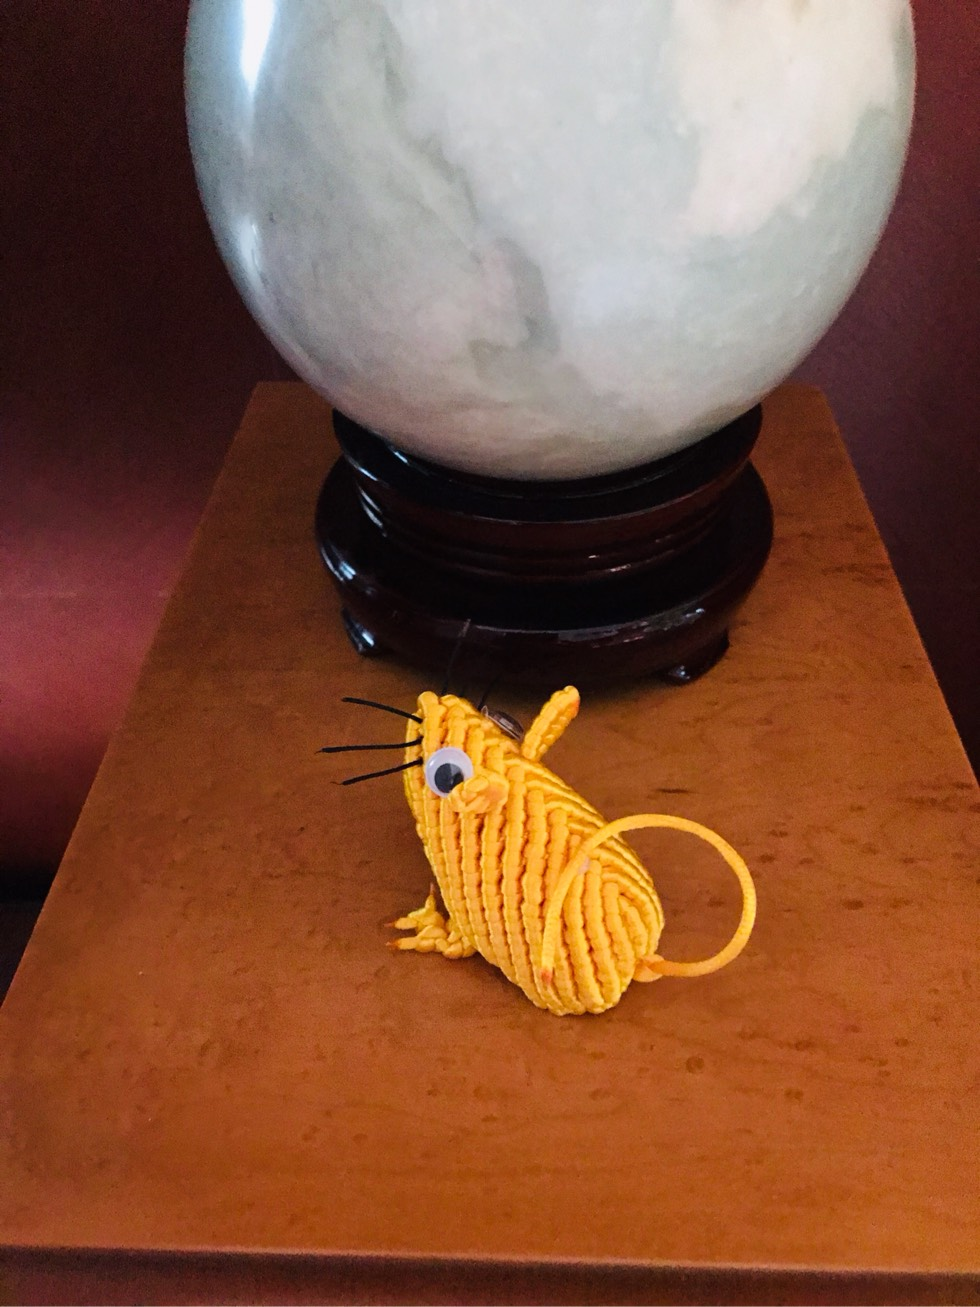 中国结论坛 鼠你有才 鼠你有才APP公司,鼠你好看鼠你有才,鼠年贺词四字成语,鼠你有菜太空泥,鼠你有才app 作品展示 153133ai661rdikyy2jryc